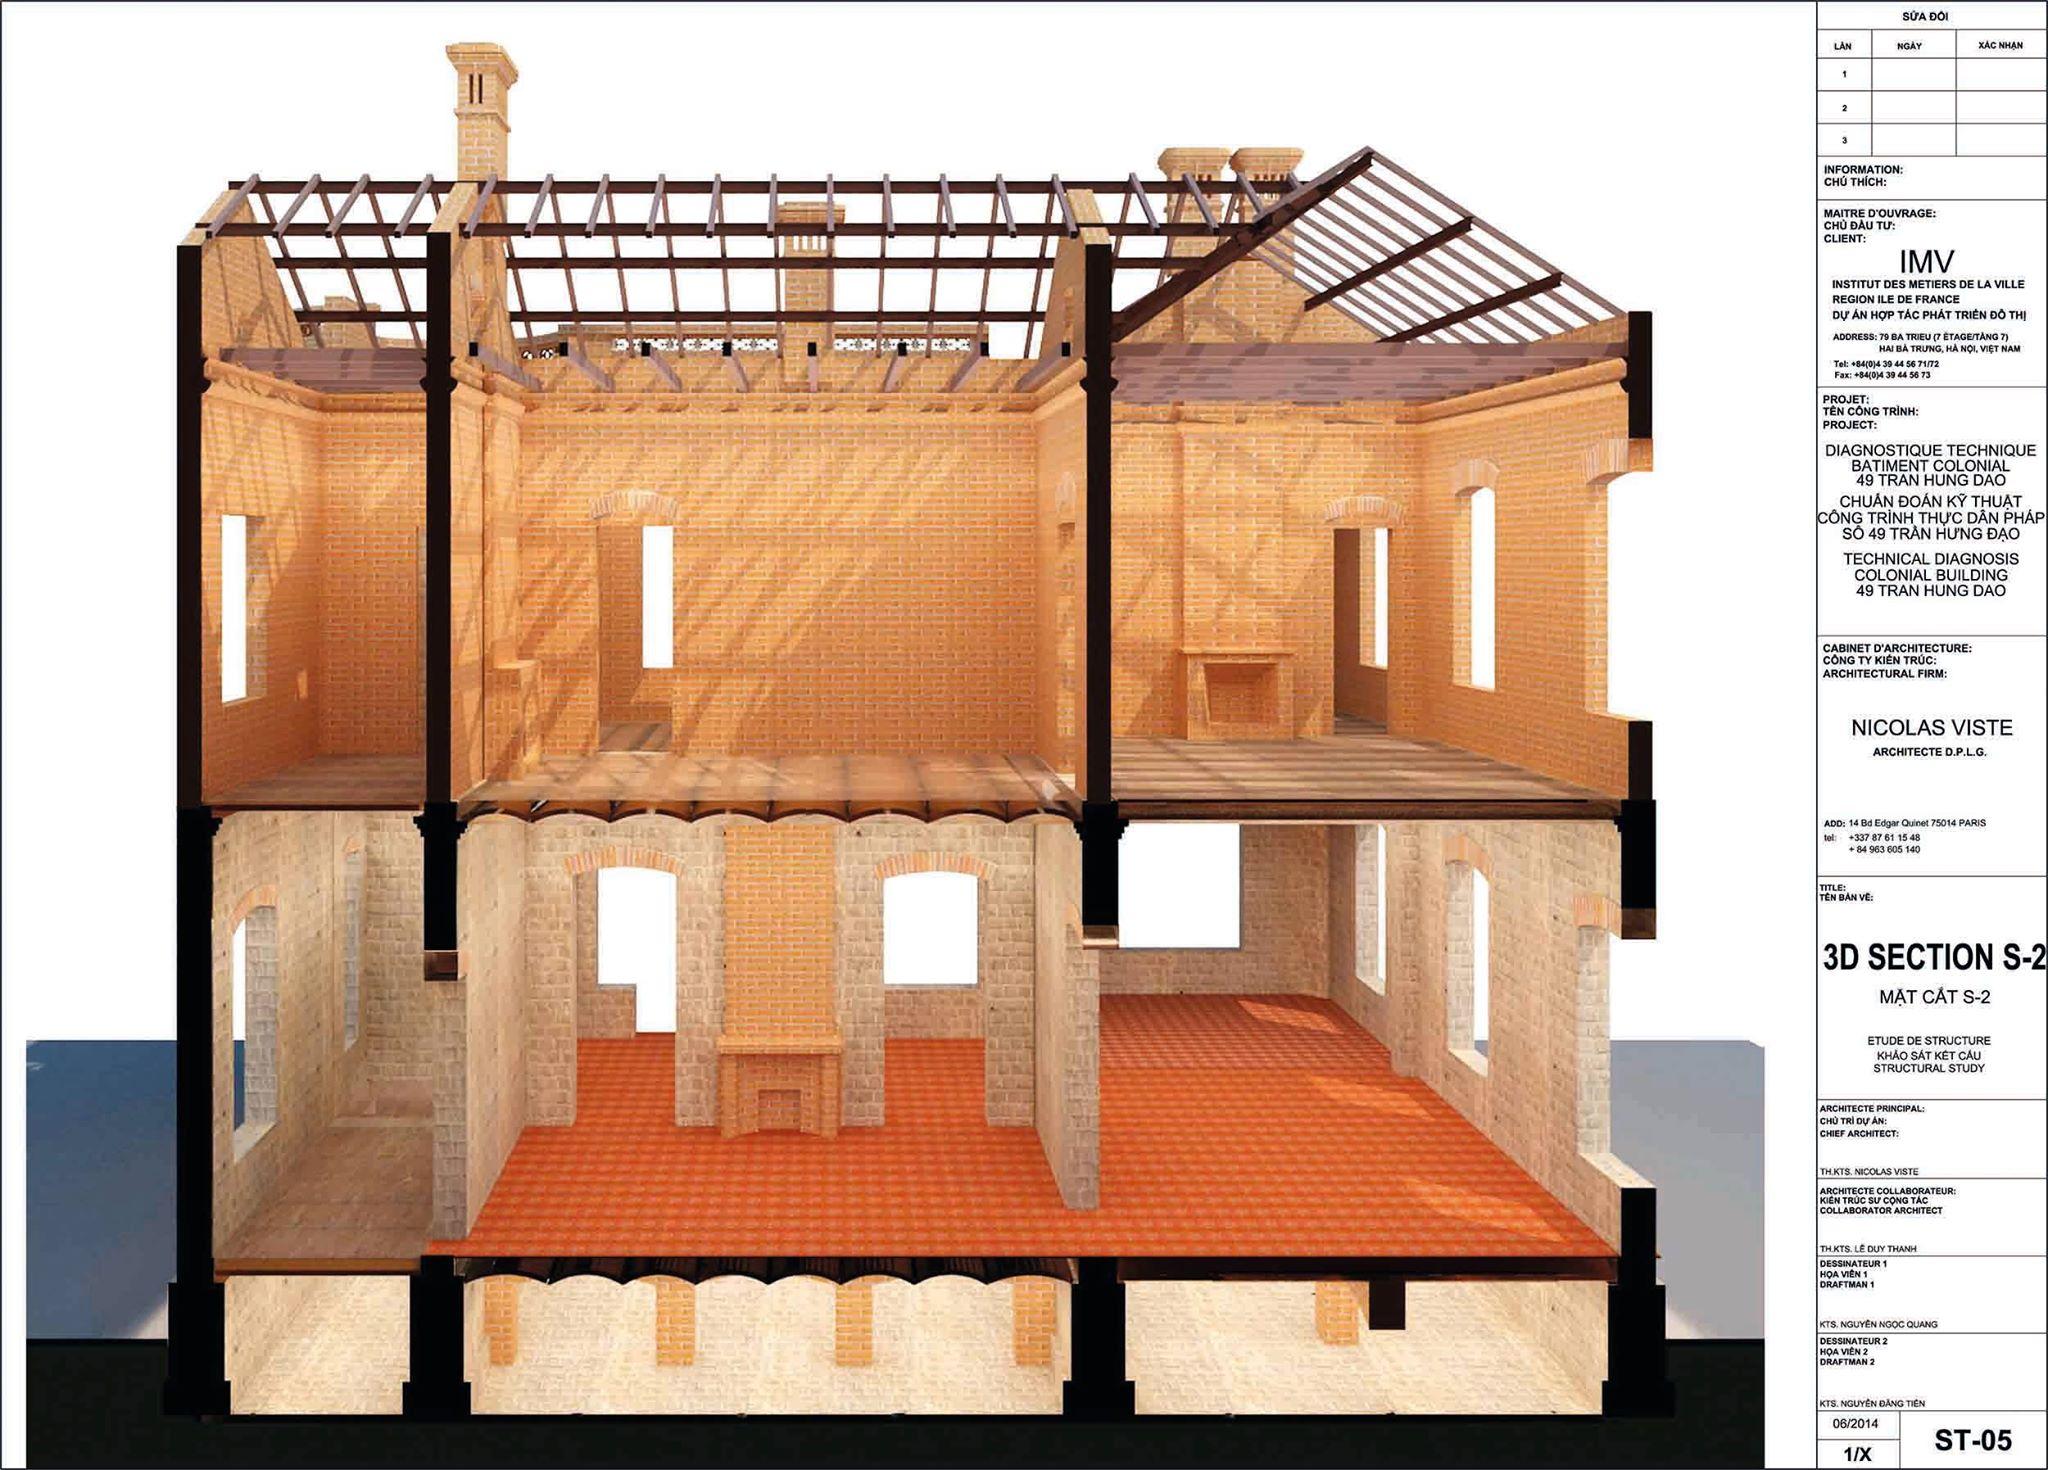 Dự án cải tạo Biệt thự 49 Trần Hưng Đạo - Viện PRX - Cơ quan hỗ trợ hợp tác quốc tế vùng Paris tại Việt Nam